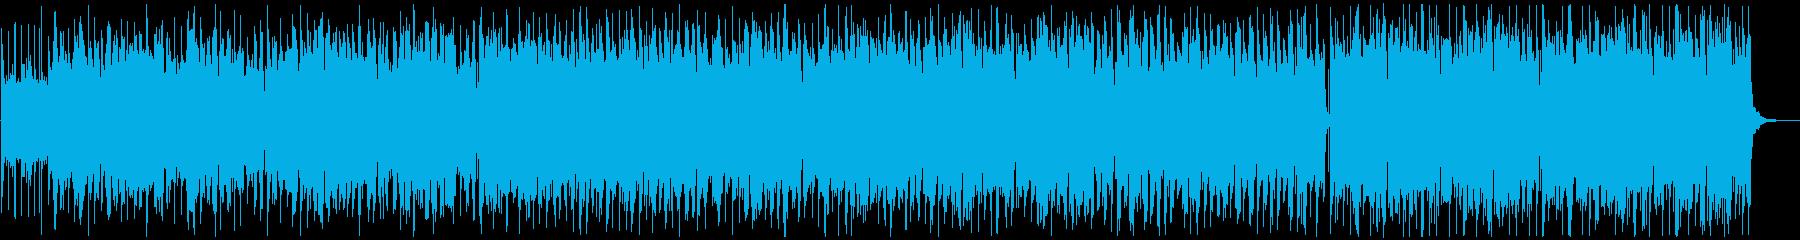 明るくワクワクするようなケルト風BGMの再生済みの波形